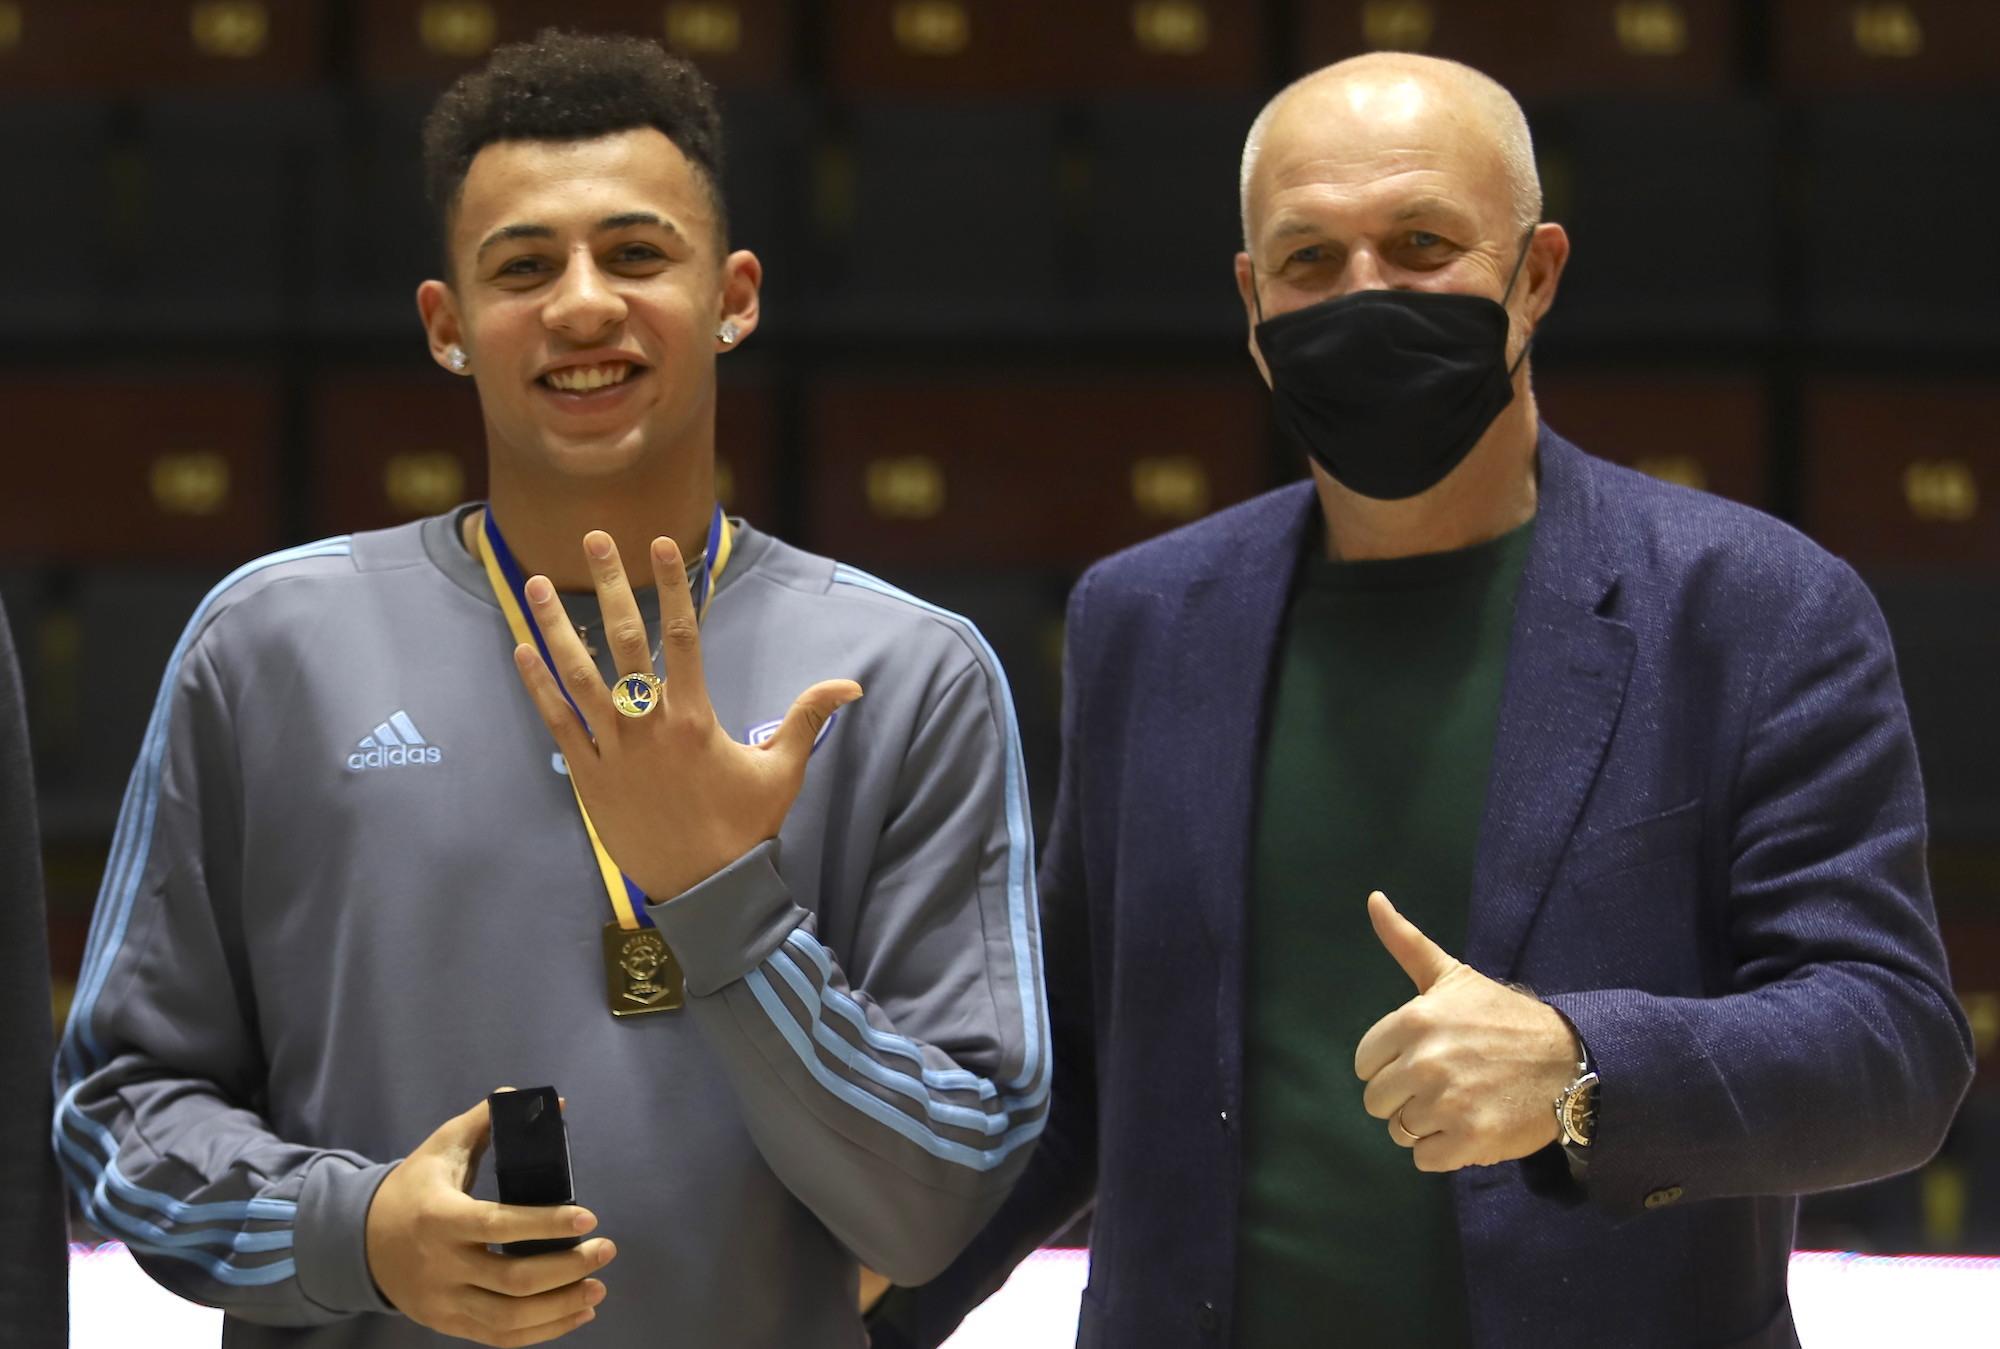 Гравці Дніпра отримали чемпіонські персні